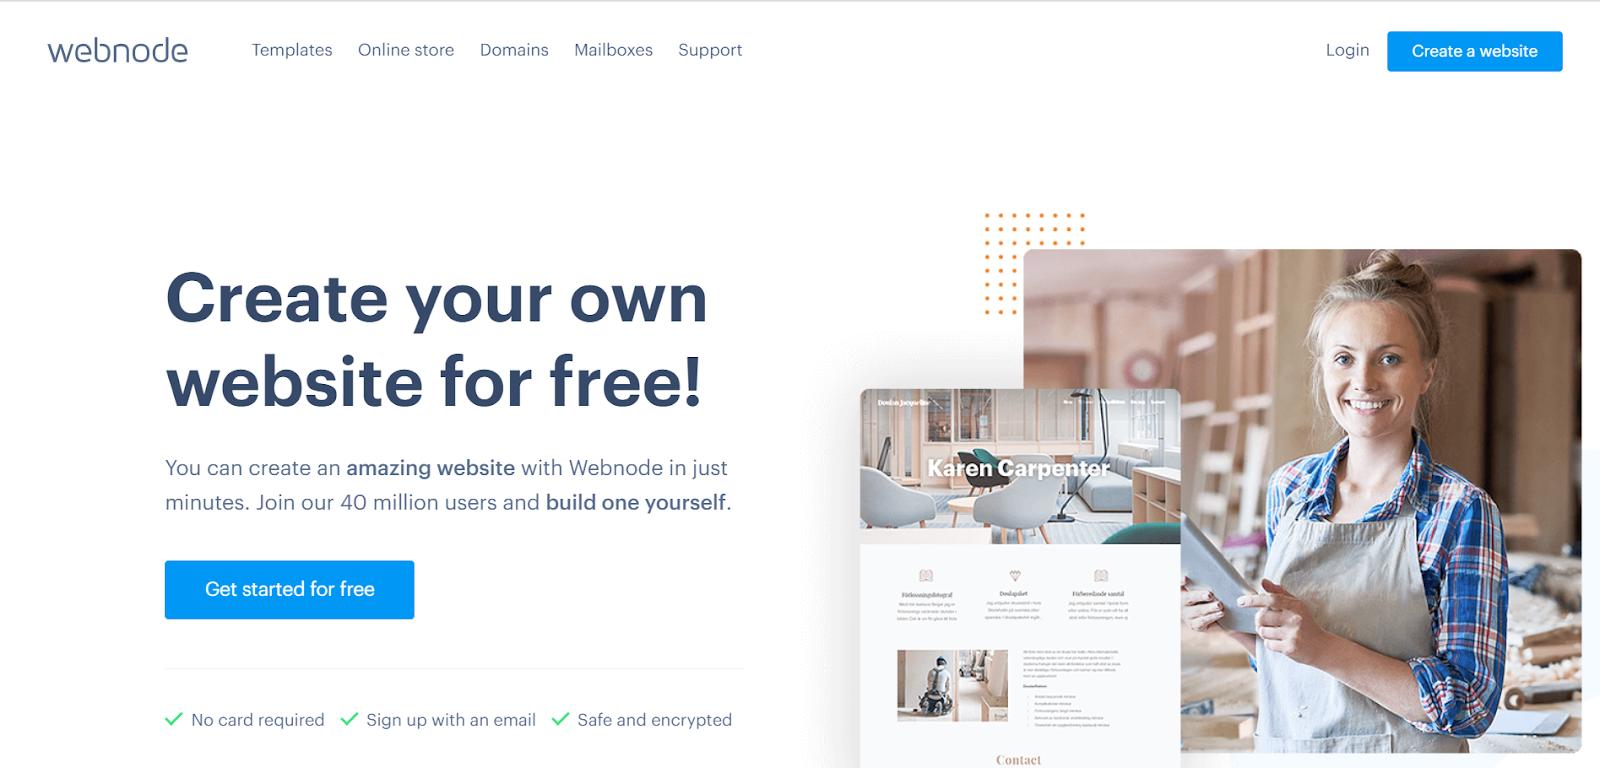 Webnode Review - Webnode